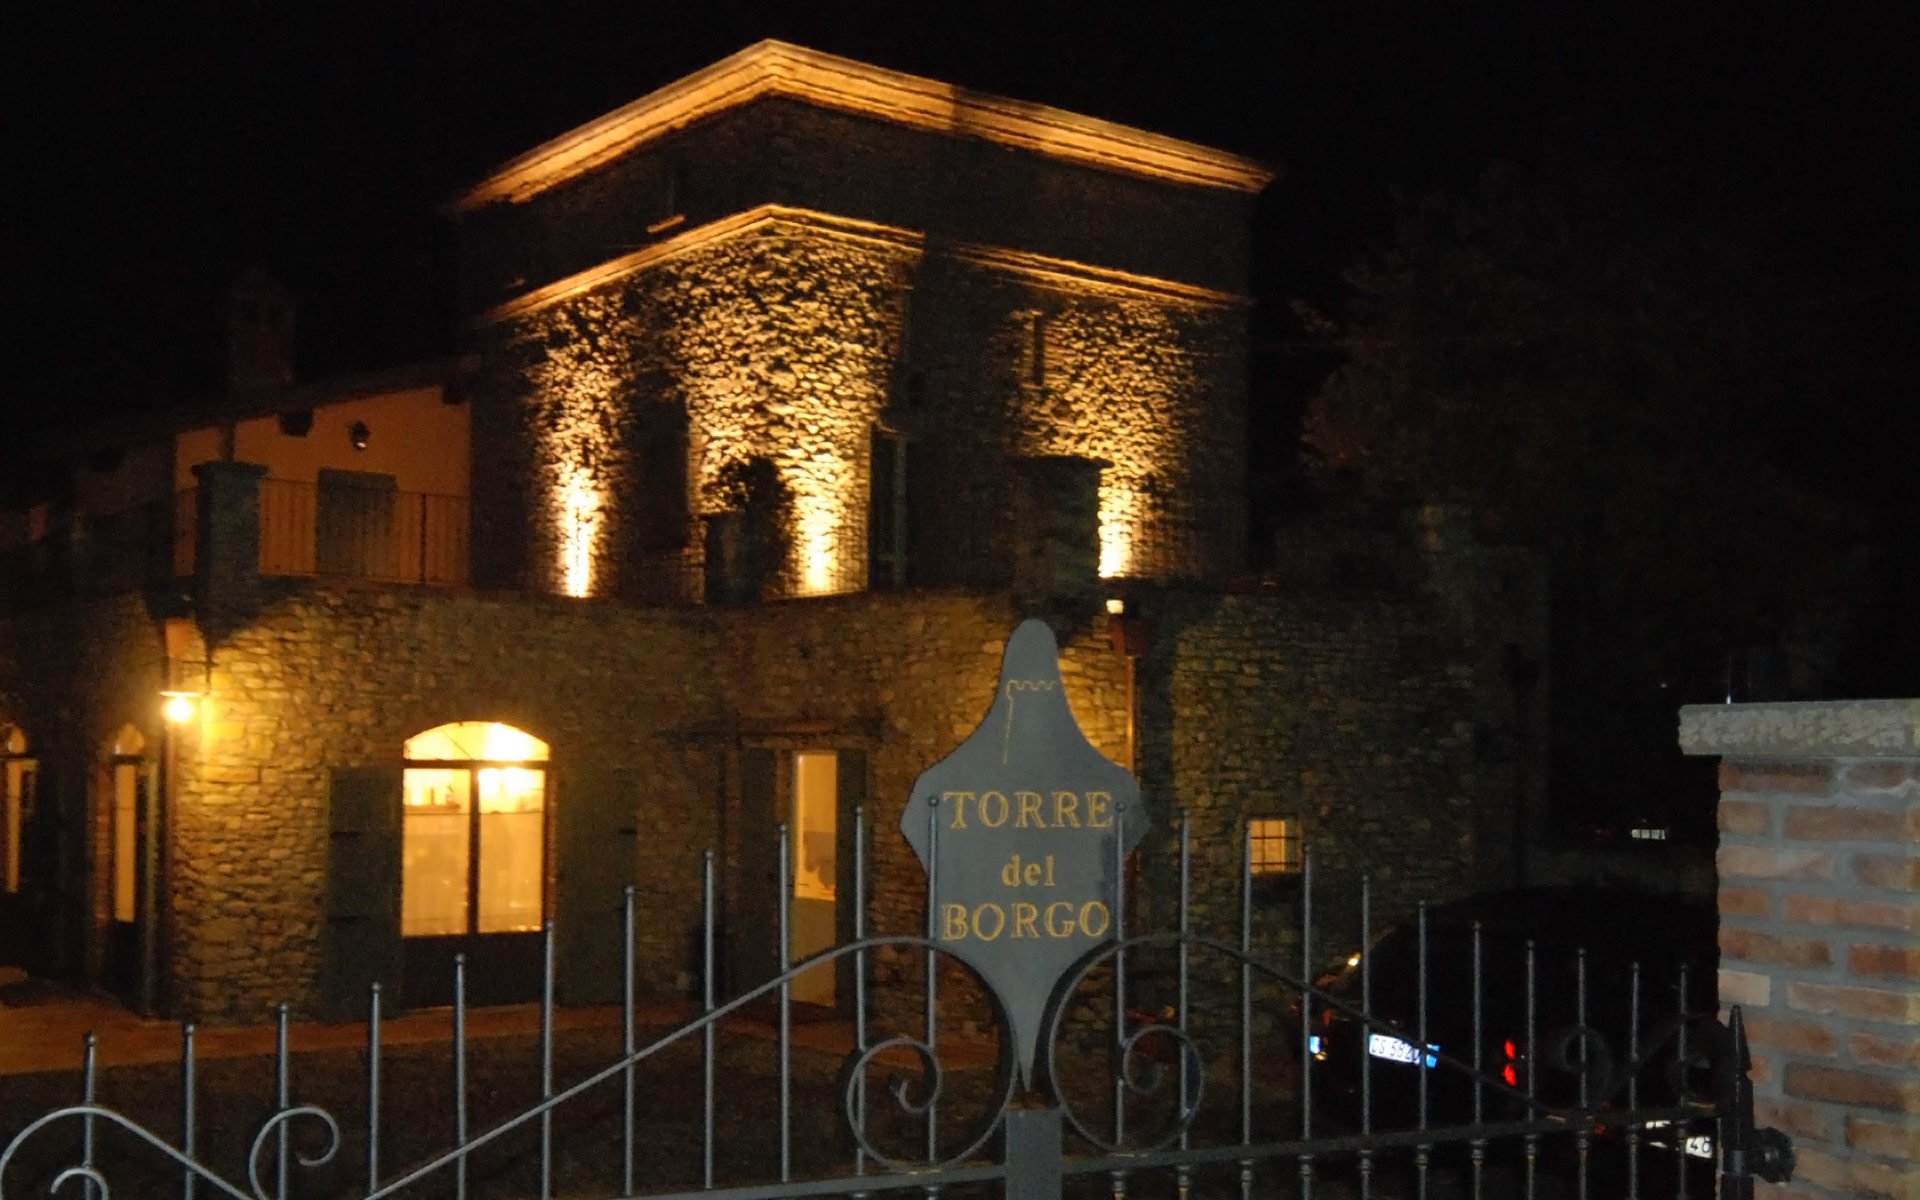 Torre del Borgo